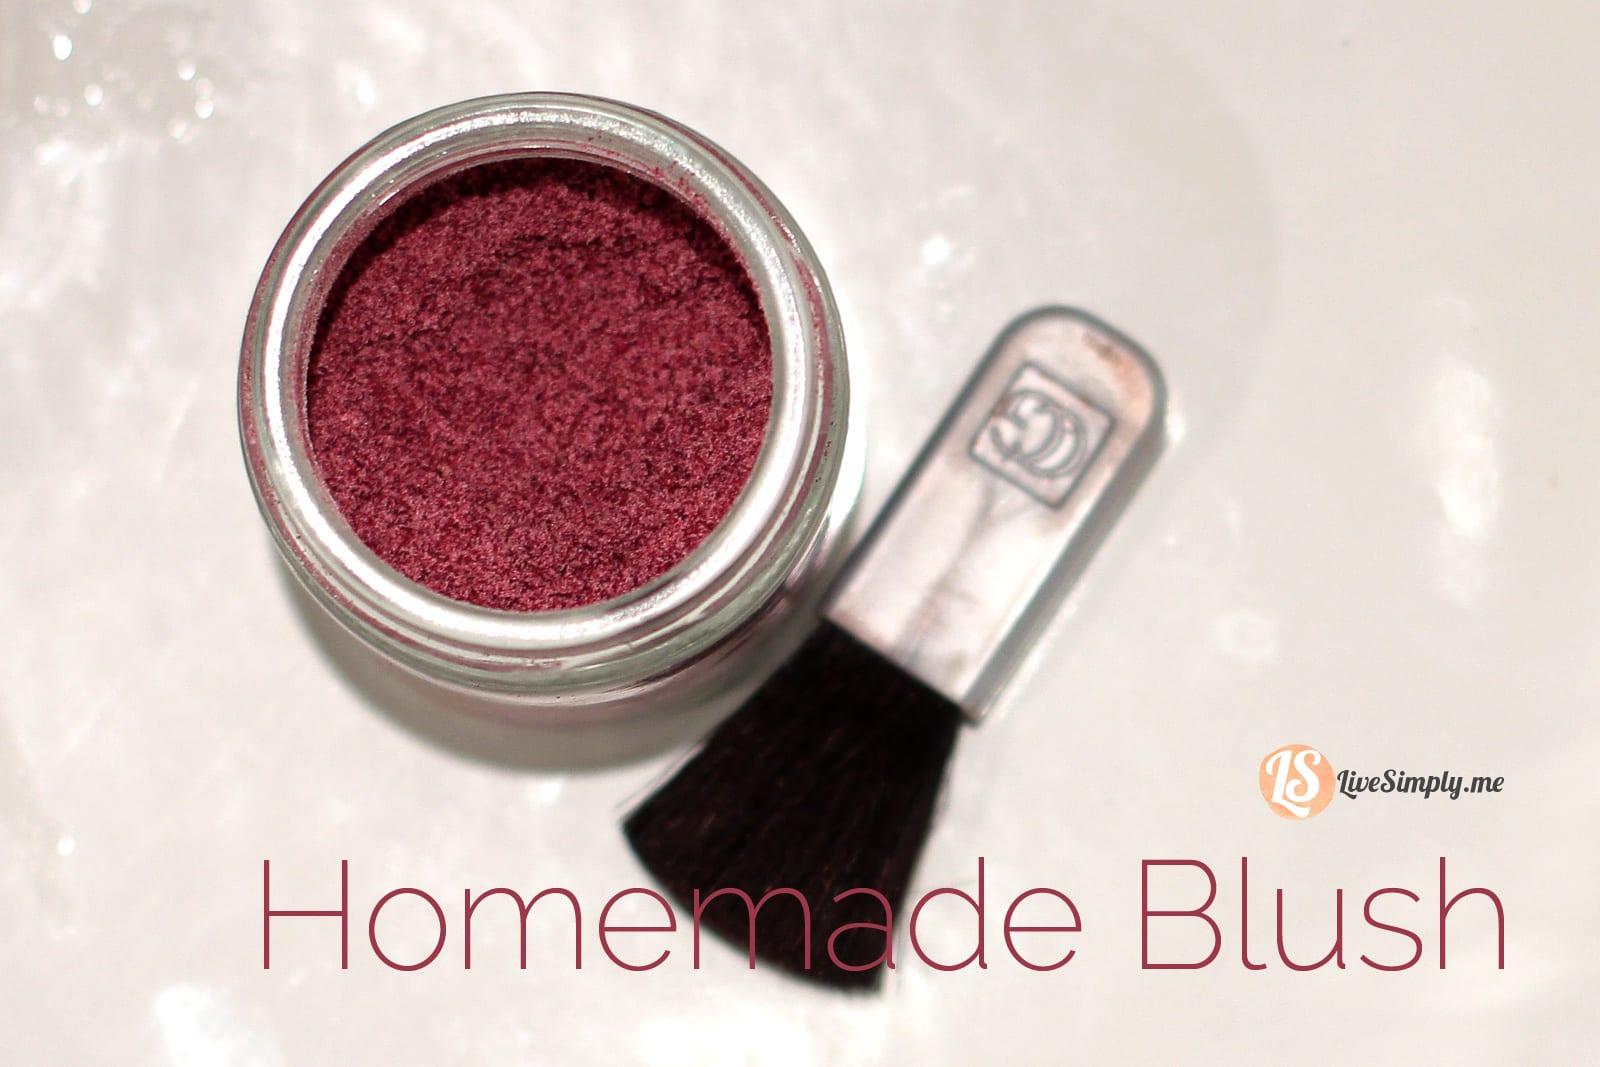 Diy homemade blush live simply for Homemade diy